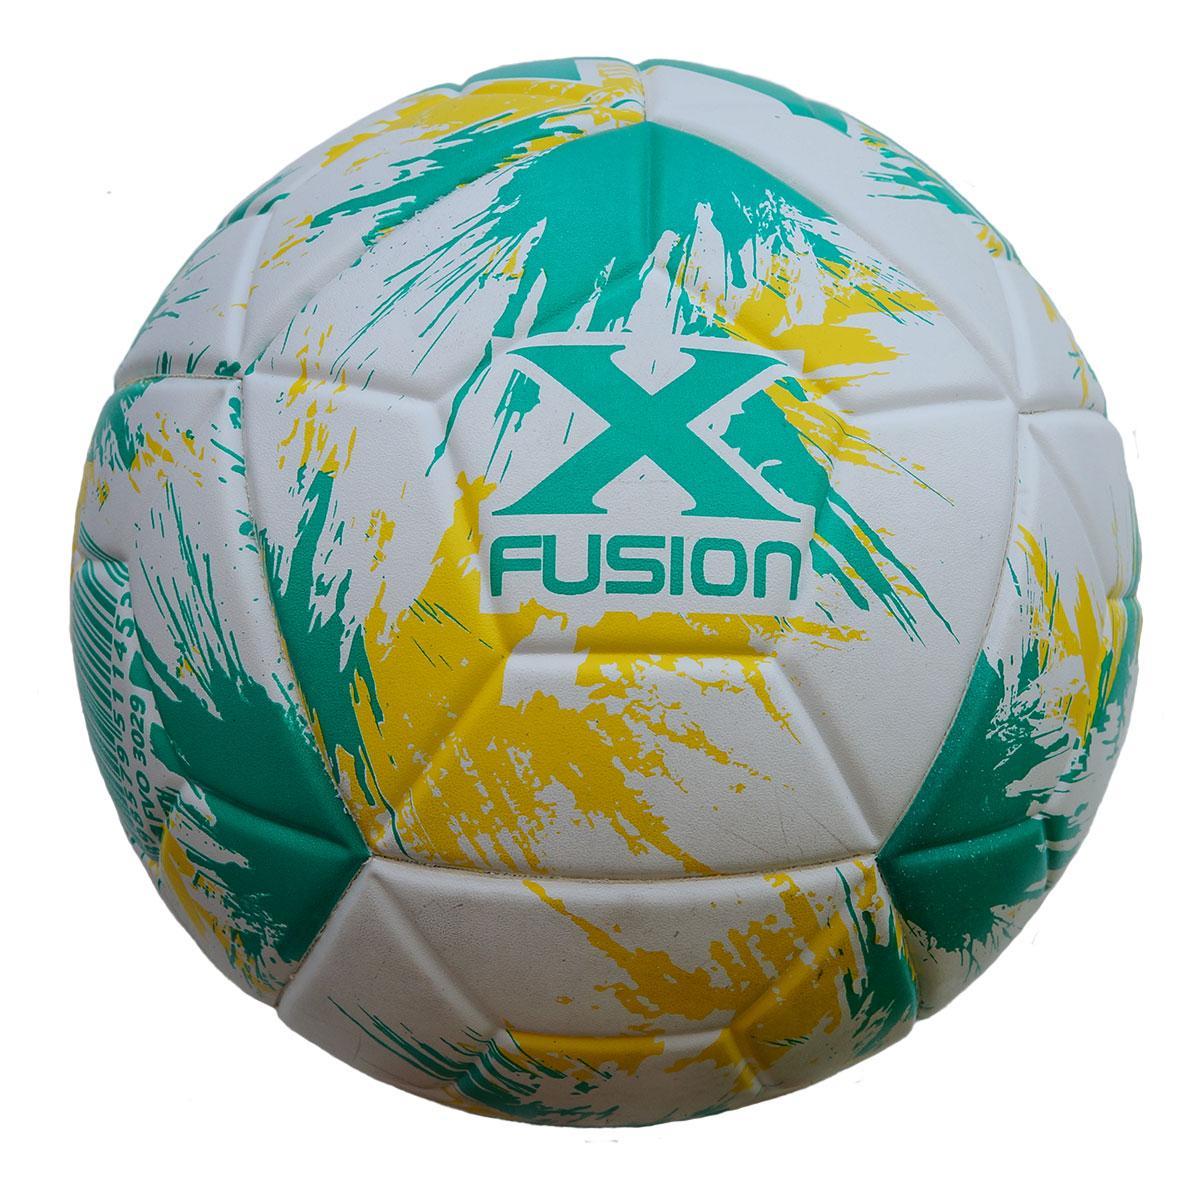 d5db62b163c86 Bola Futebol Futvolei Evolution Magussy - Bolas - Magazine Luiza